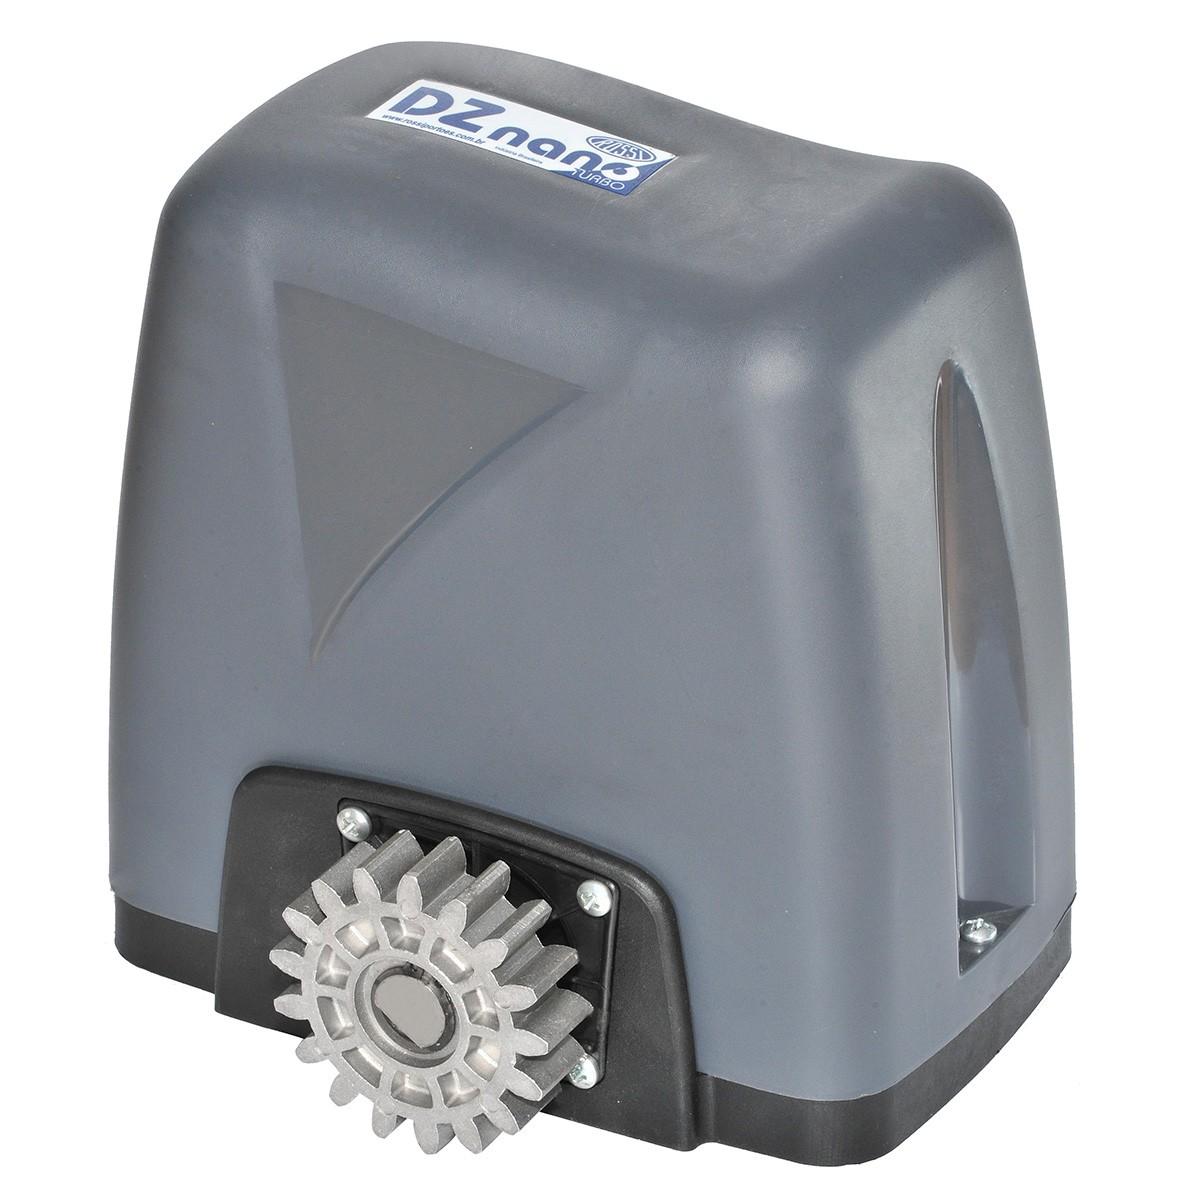 Kit Motor Rossi Dz Nano Turbo 6m Crem 3 Control 110v 600kg